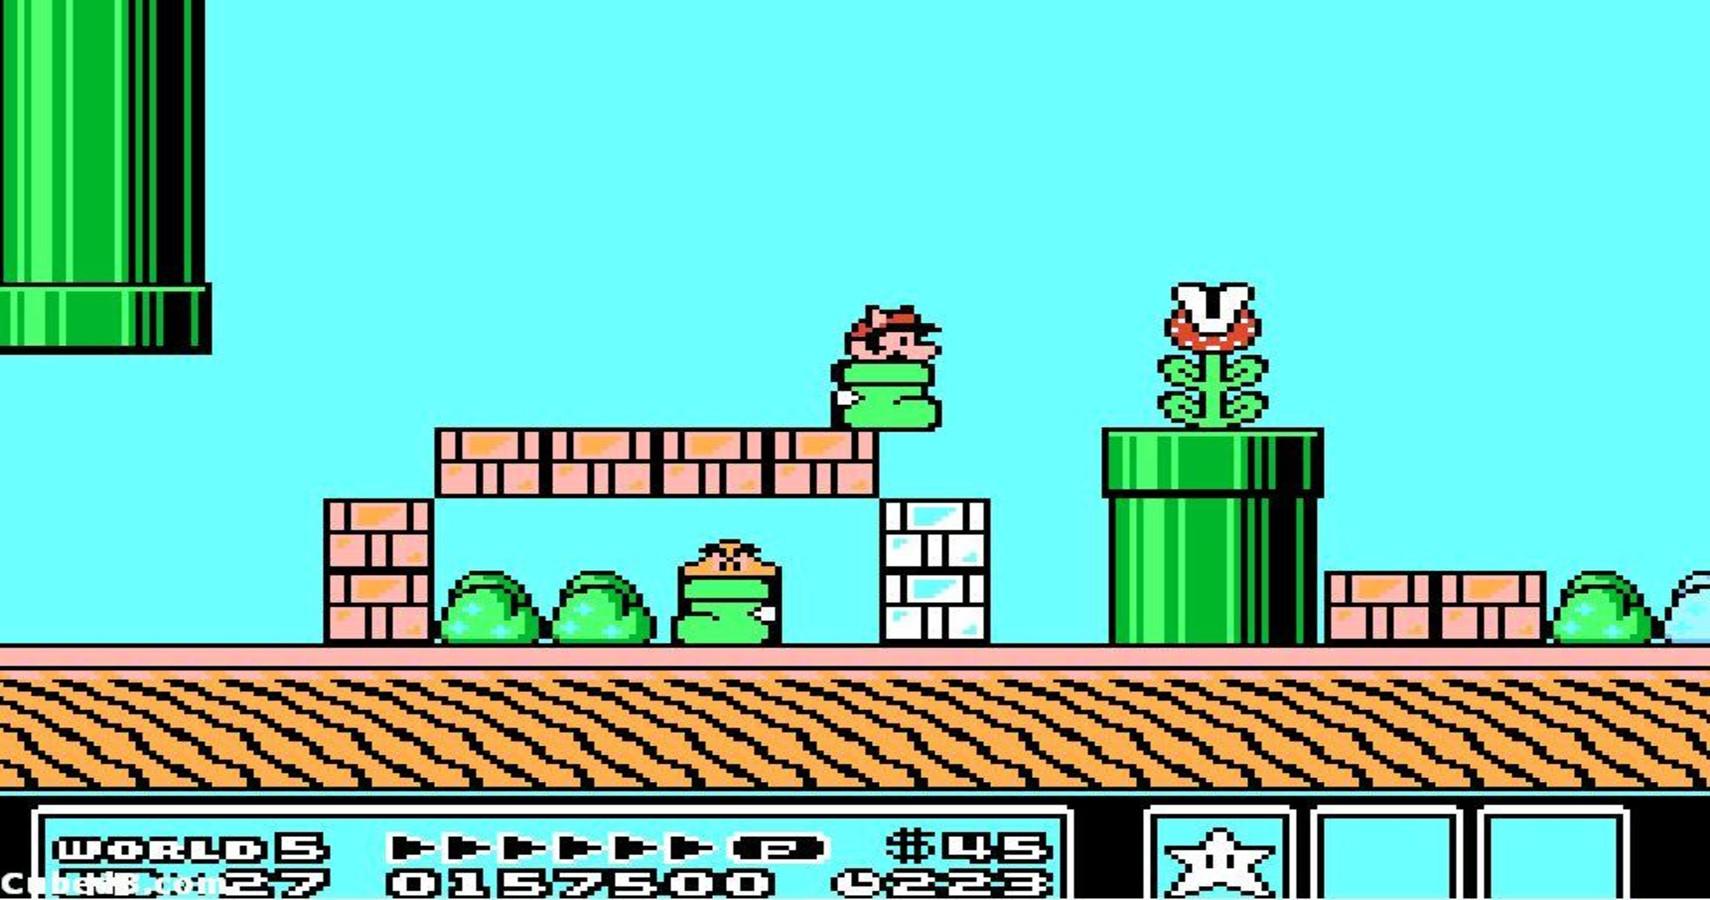 https://screenrant.com/wp-content/uploads/2020/06/Super-Mario-Bros-3-Featured.jpg